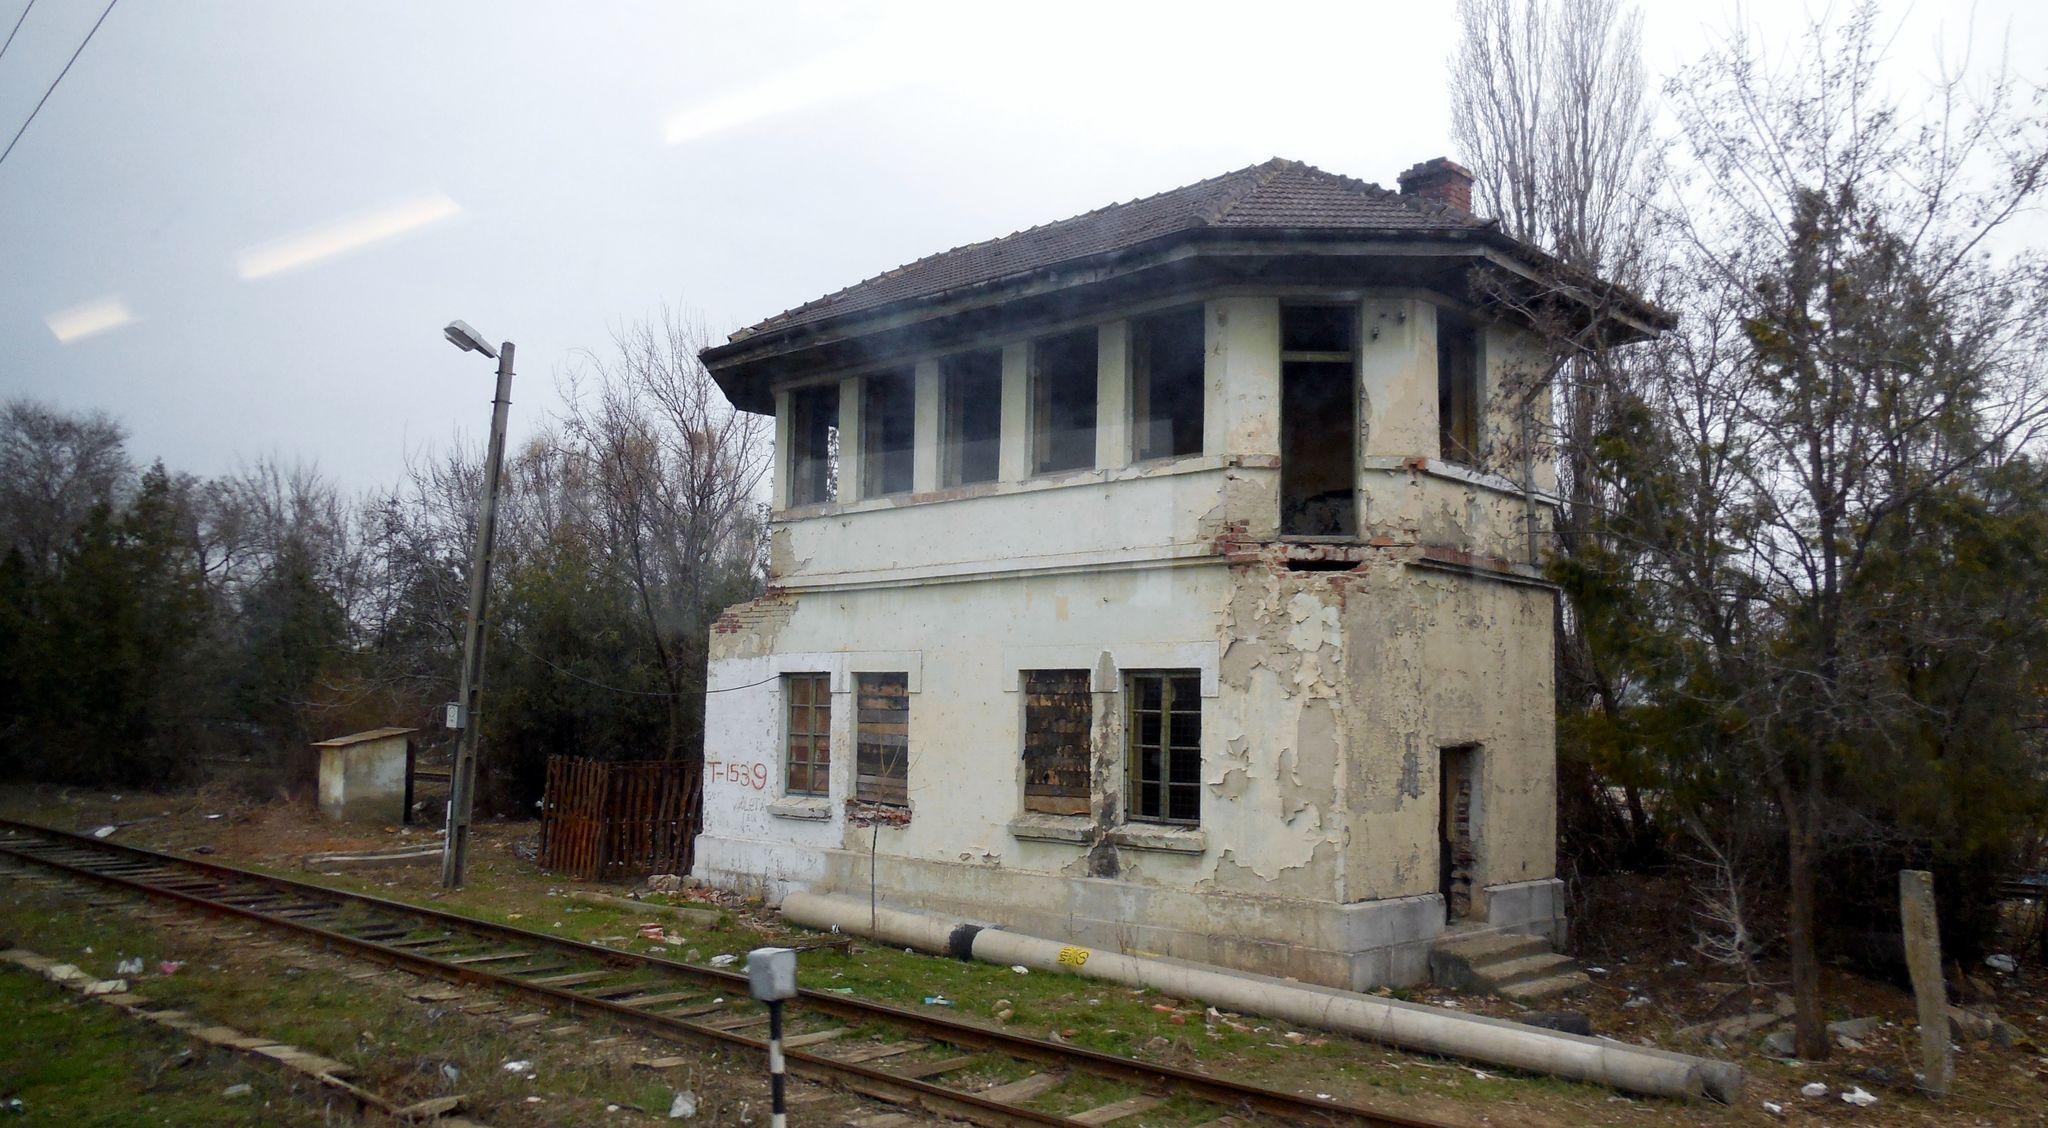 Cotesti (Roumanie) anicen poste d'aiguillage